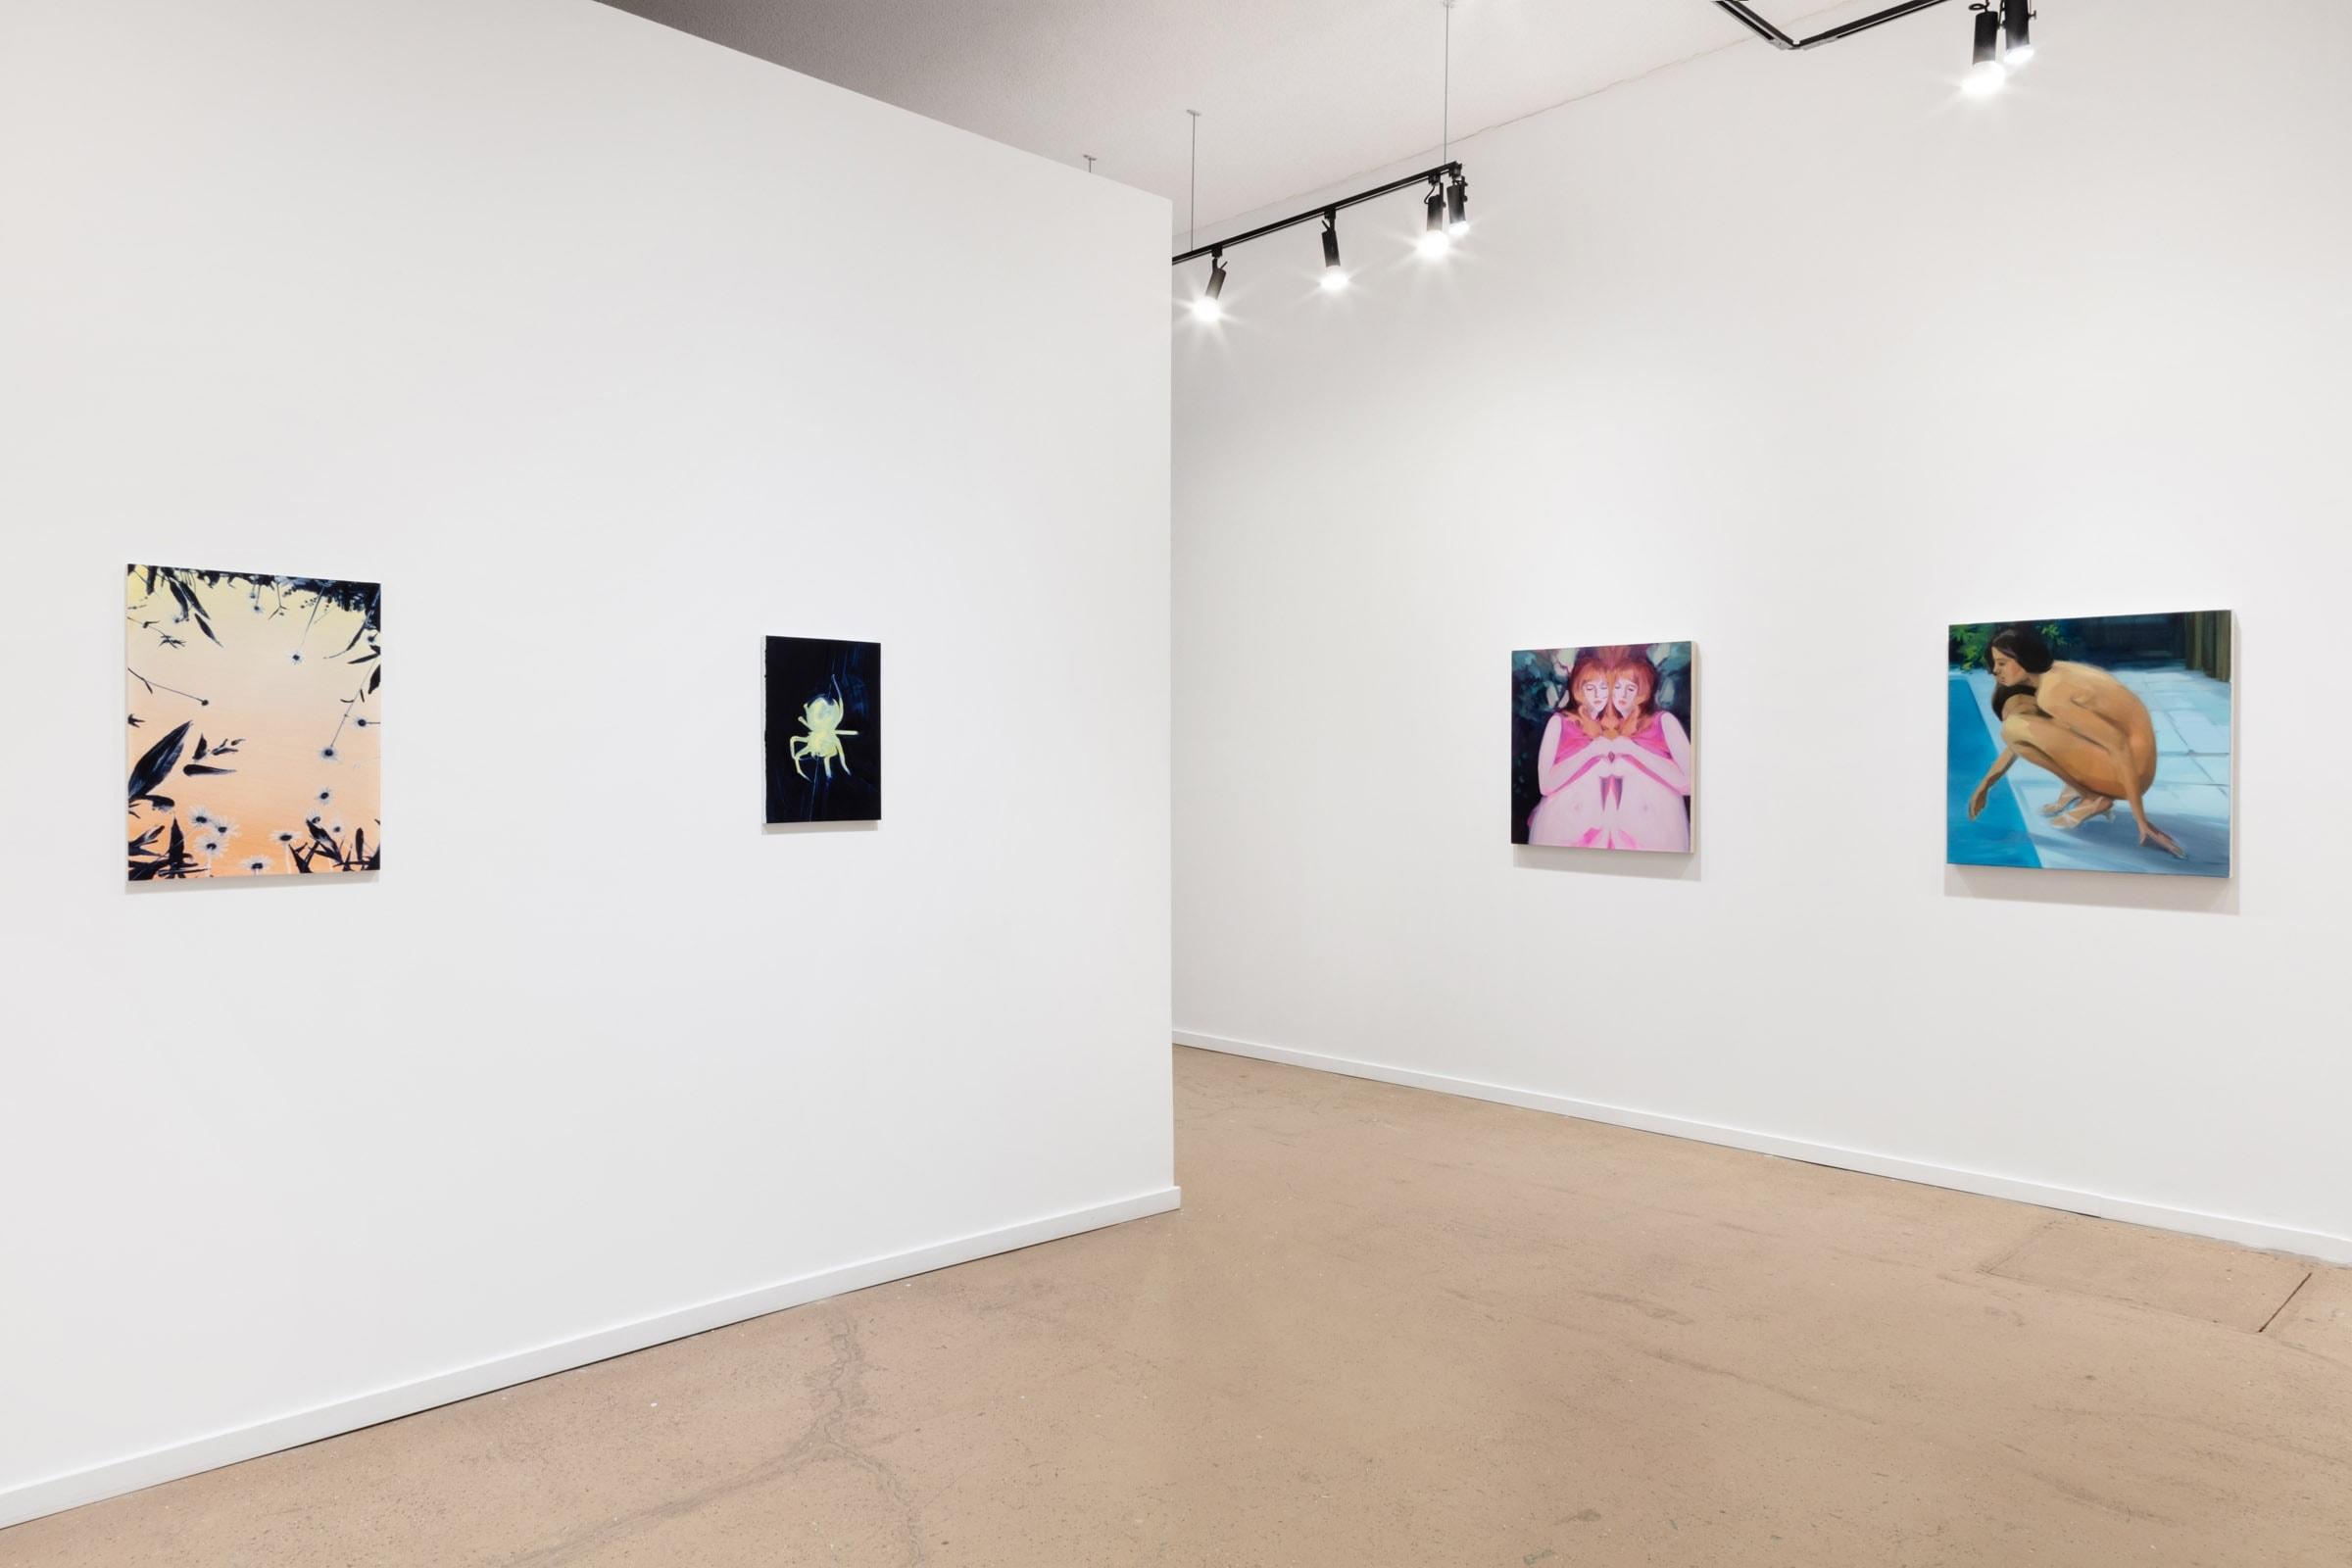 Art exhibit viewing room in Norberg Hall